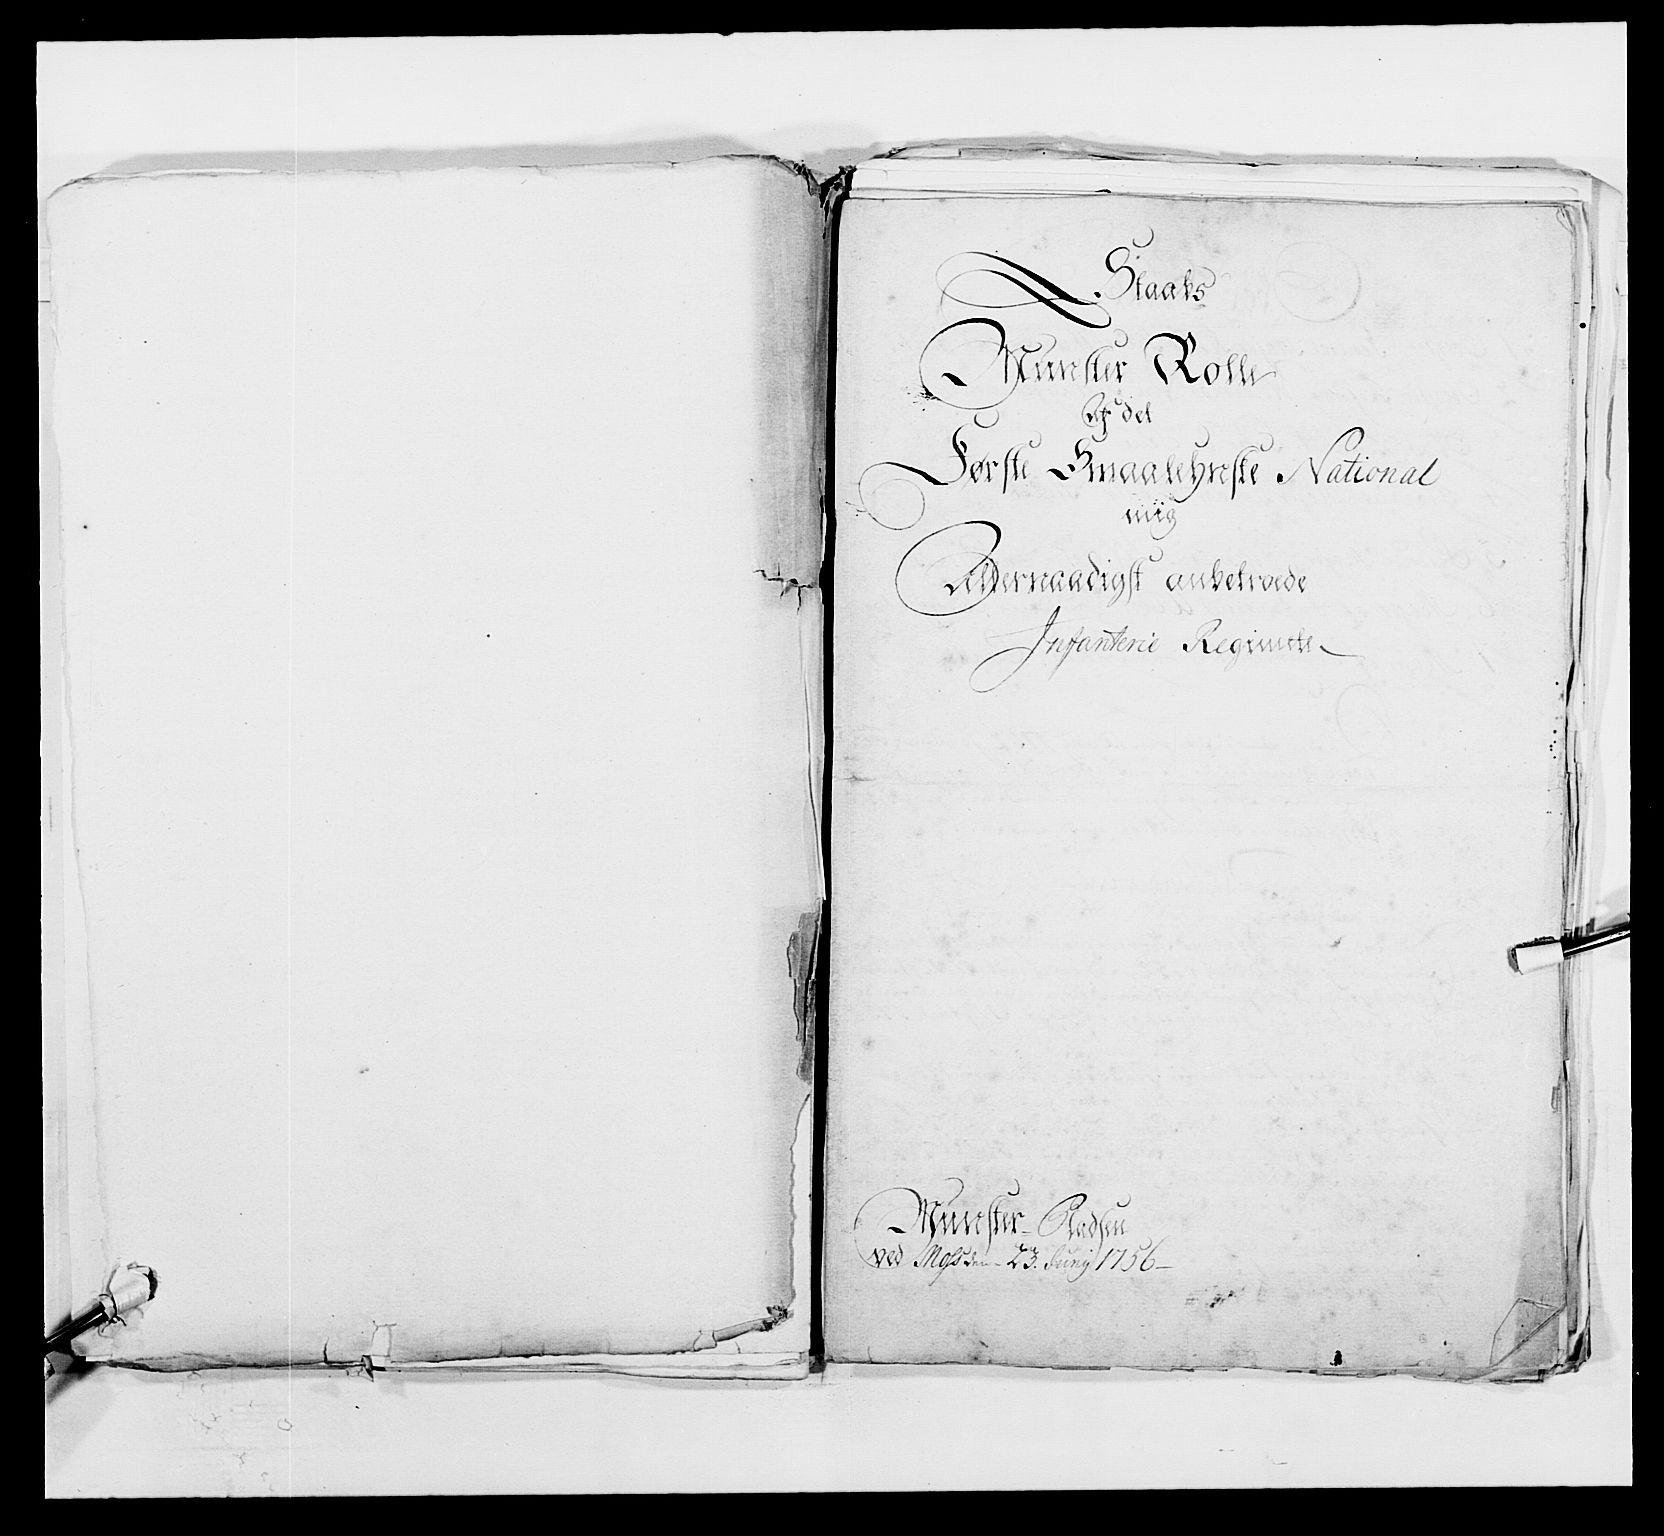 RA, Kommanderende general (KG I) med Det norske krigsdirektorium, E/Ea/L0495: 1. Smålenske regiment, 1732-1763, s. 596